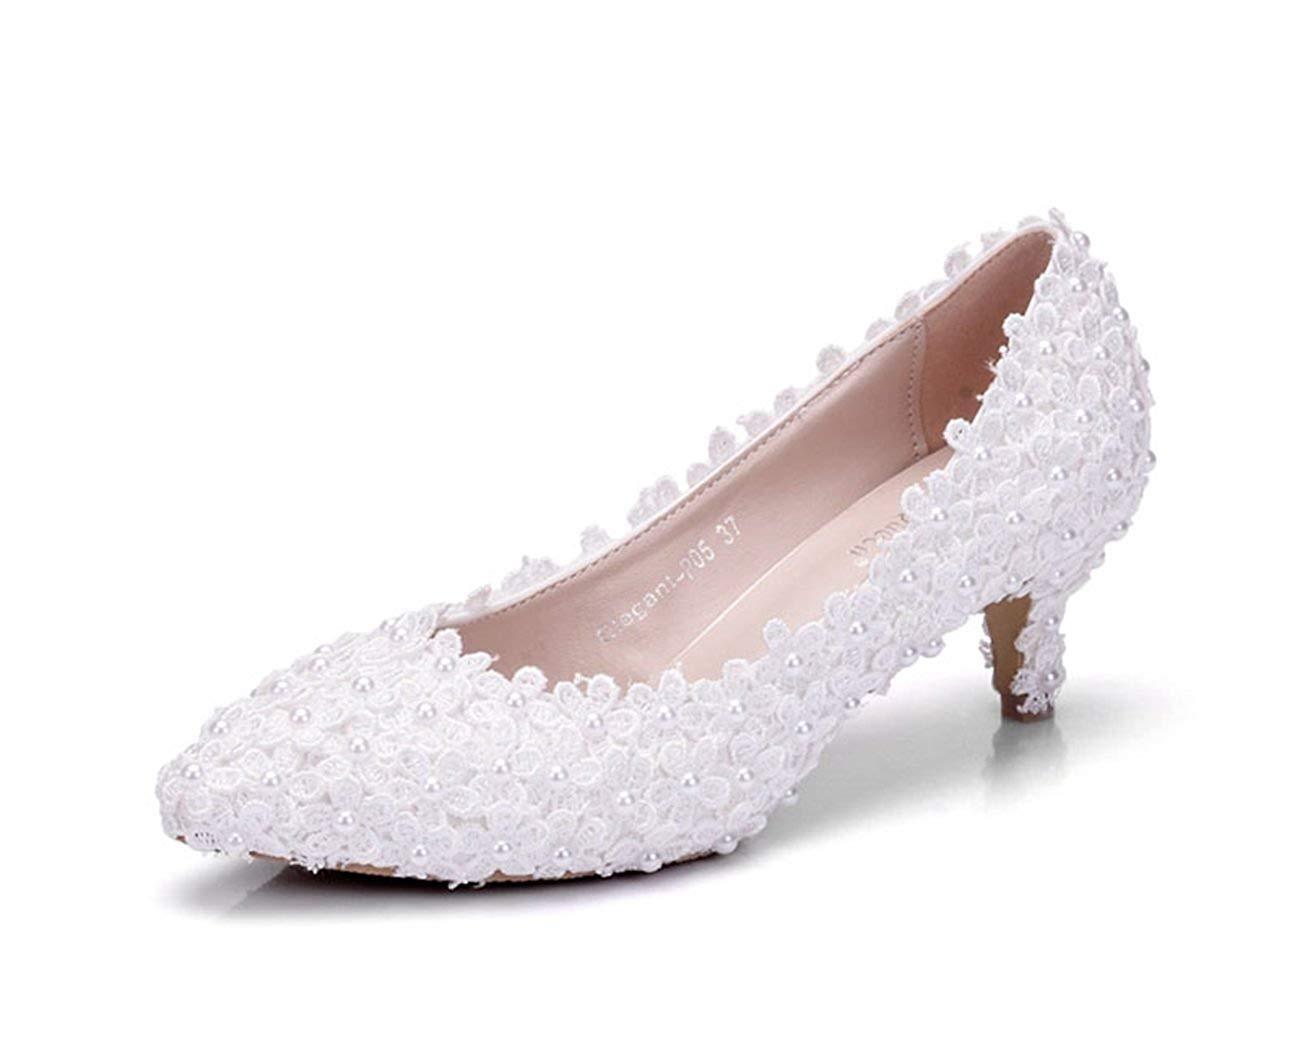 HhGold Damen Spitze Blaumen 2 Heel Slip-on Weiß Braut Hochzeit Hochzeit Hochzeit Formale Partei Abend Pumps Schuhe UK 4 (Farbe   -, Größe   -) f1358e